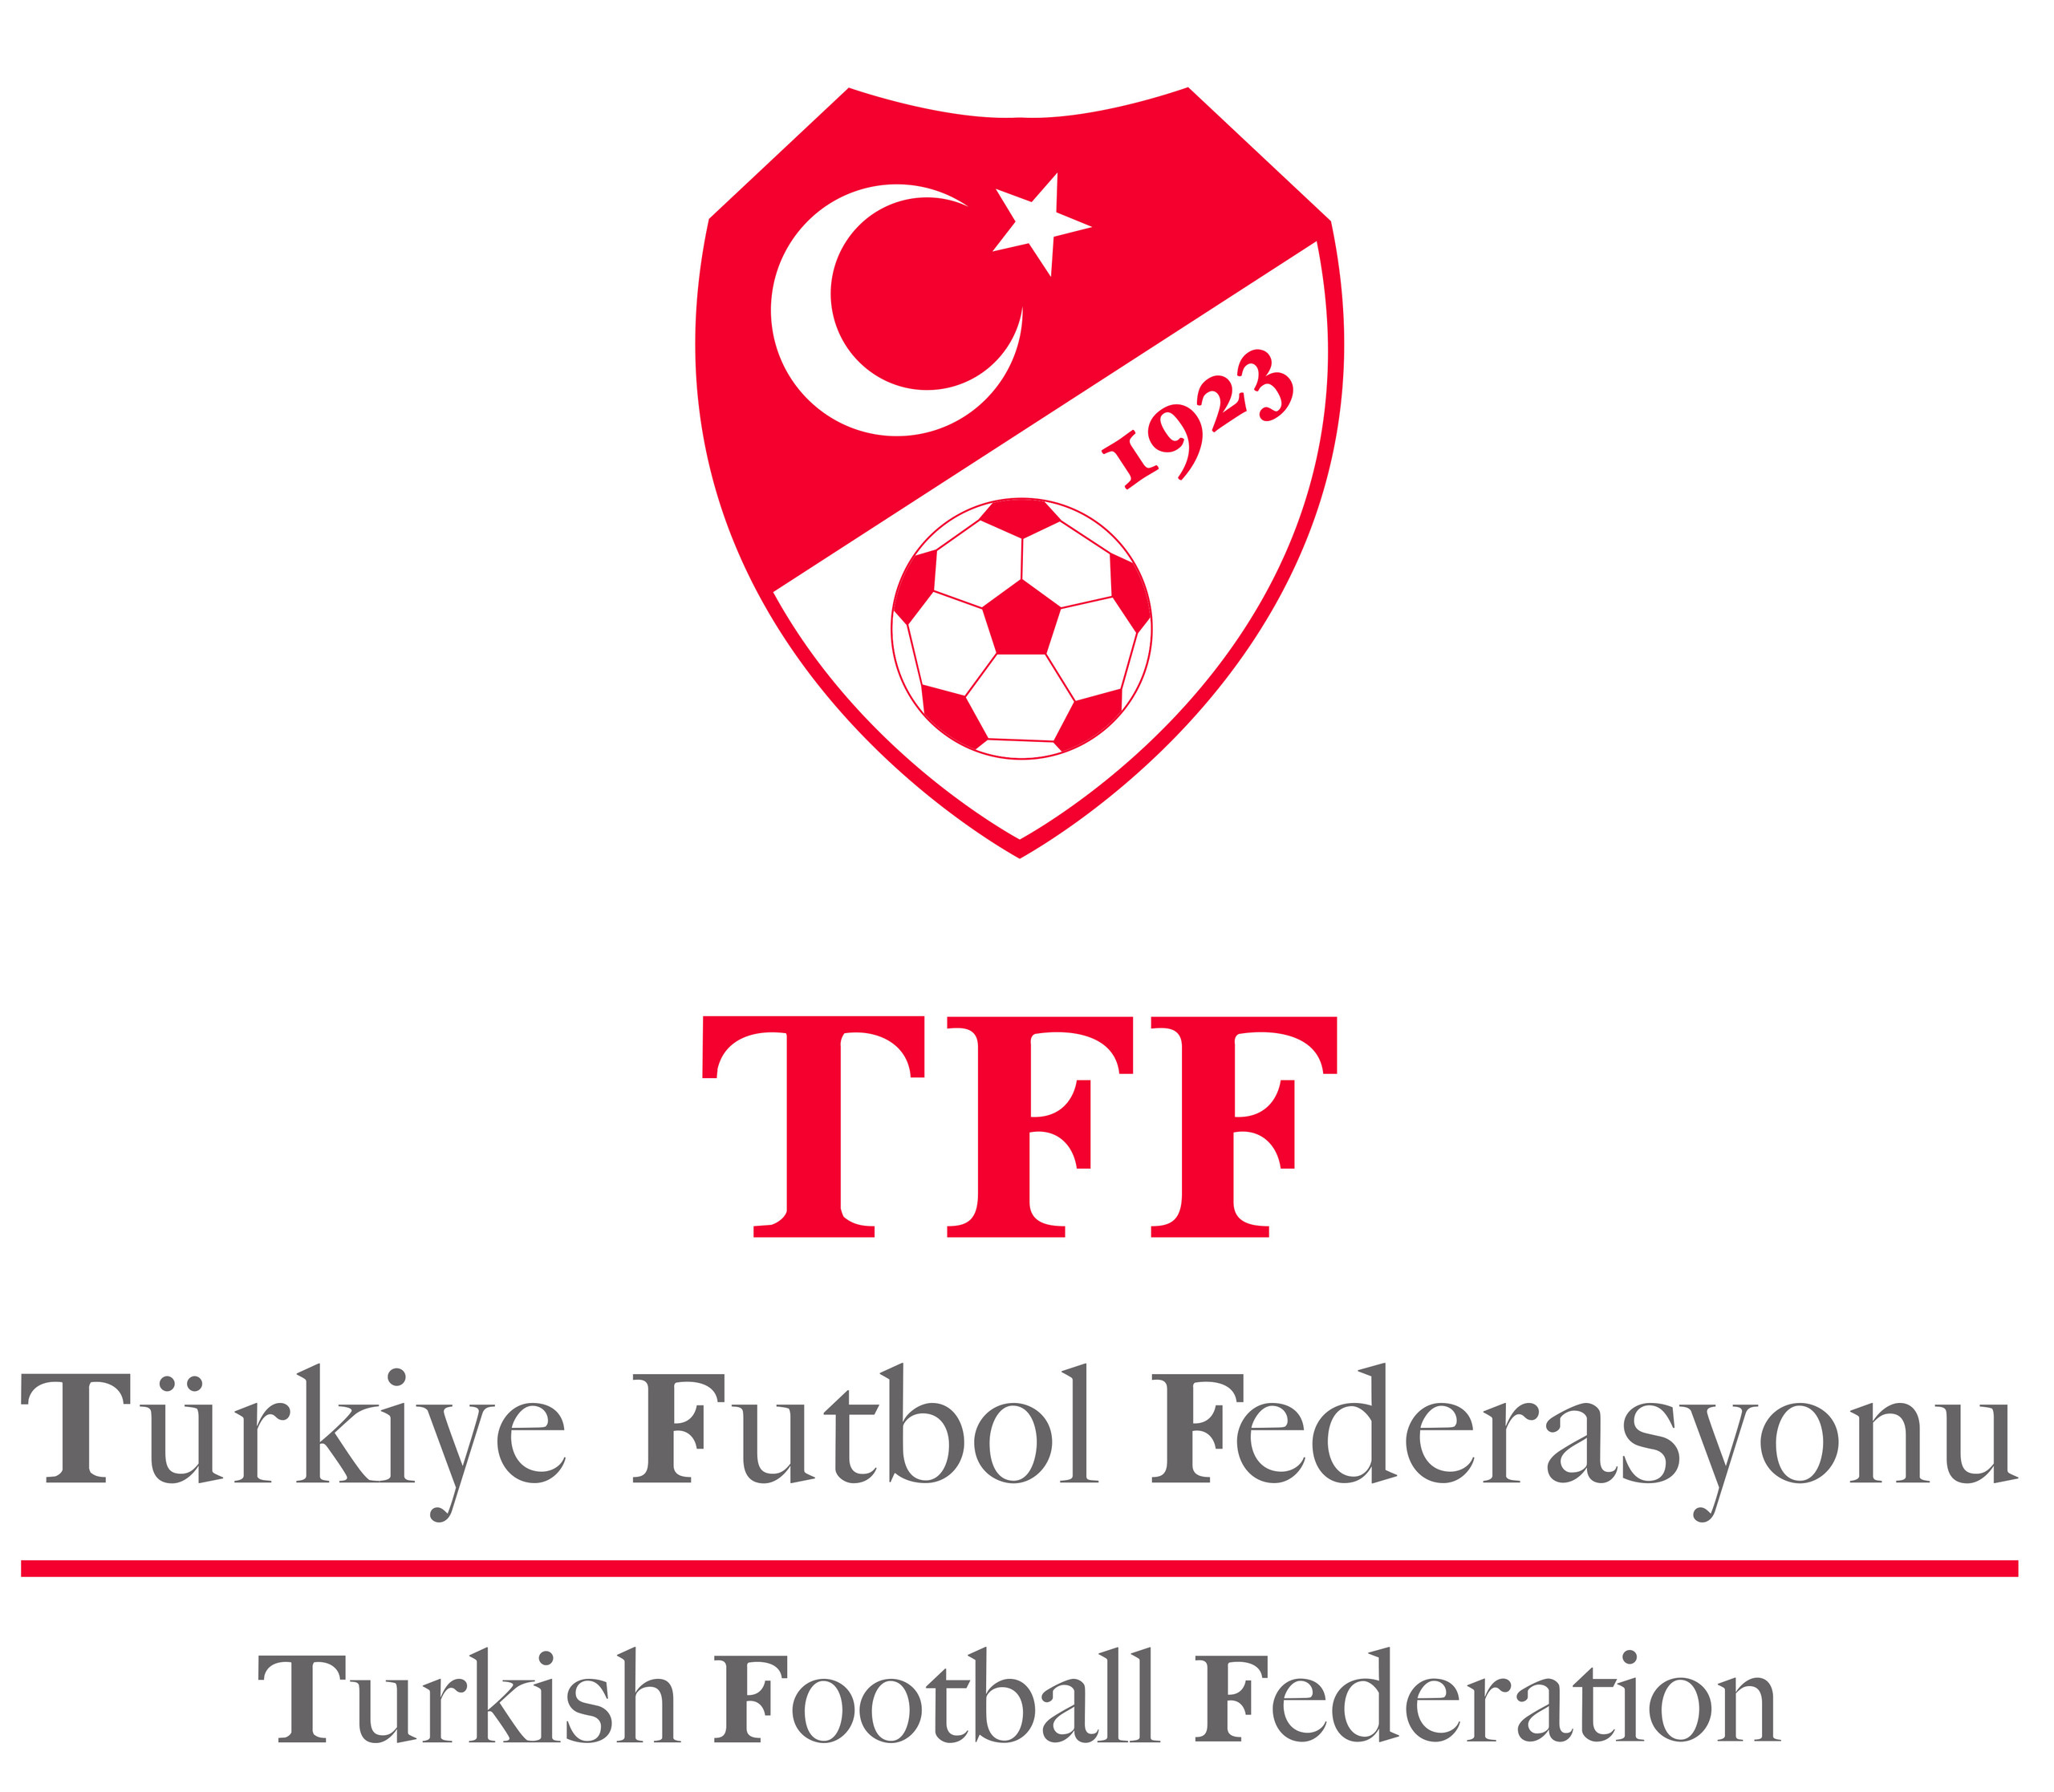 Futbol Seyircisi Sayı Ortalamaları Endişe Veriyor